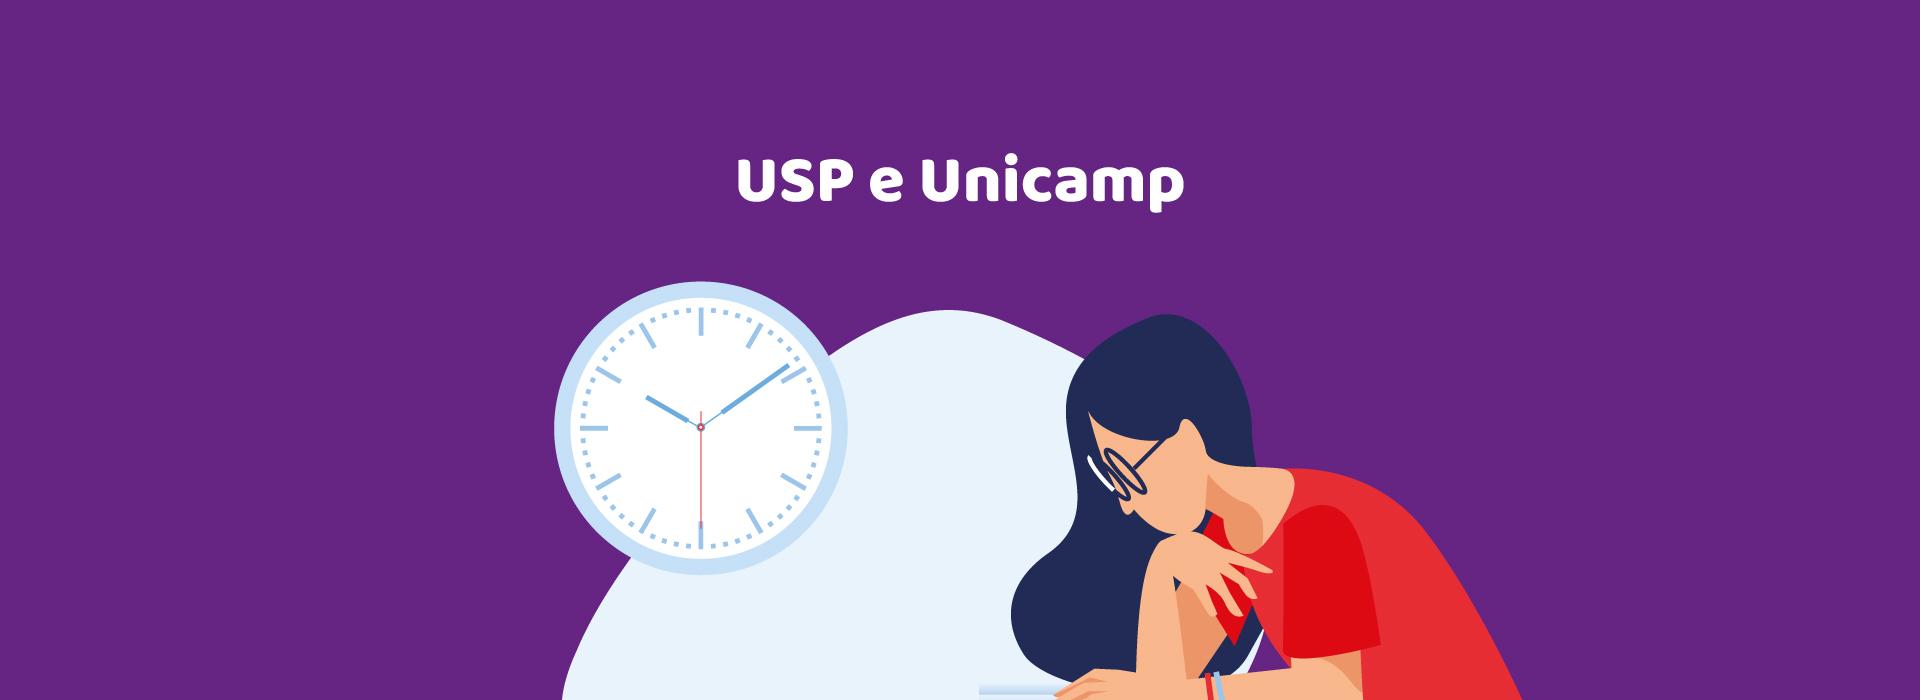 USP E Unicamp: Universidades Estaduais sobem de posição no ranking das melhores instituições do mundo